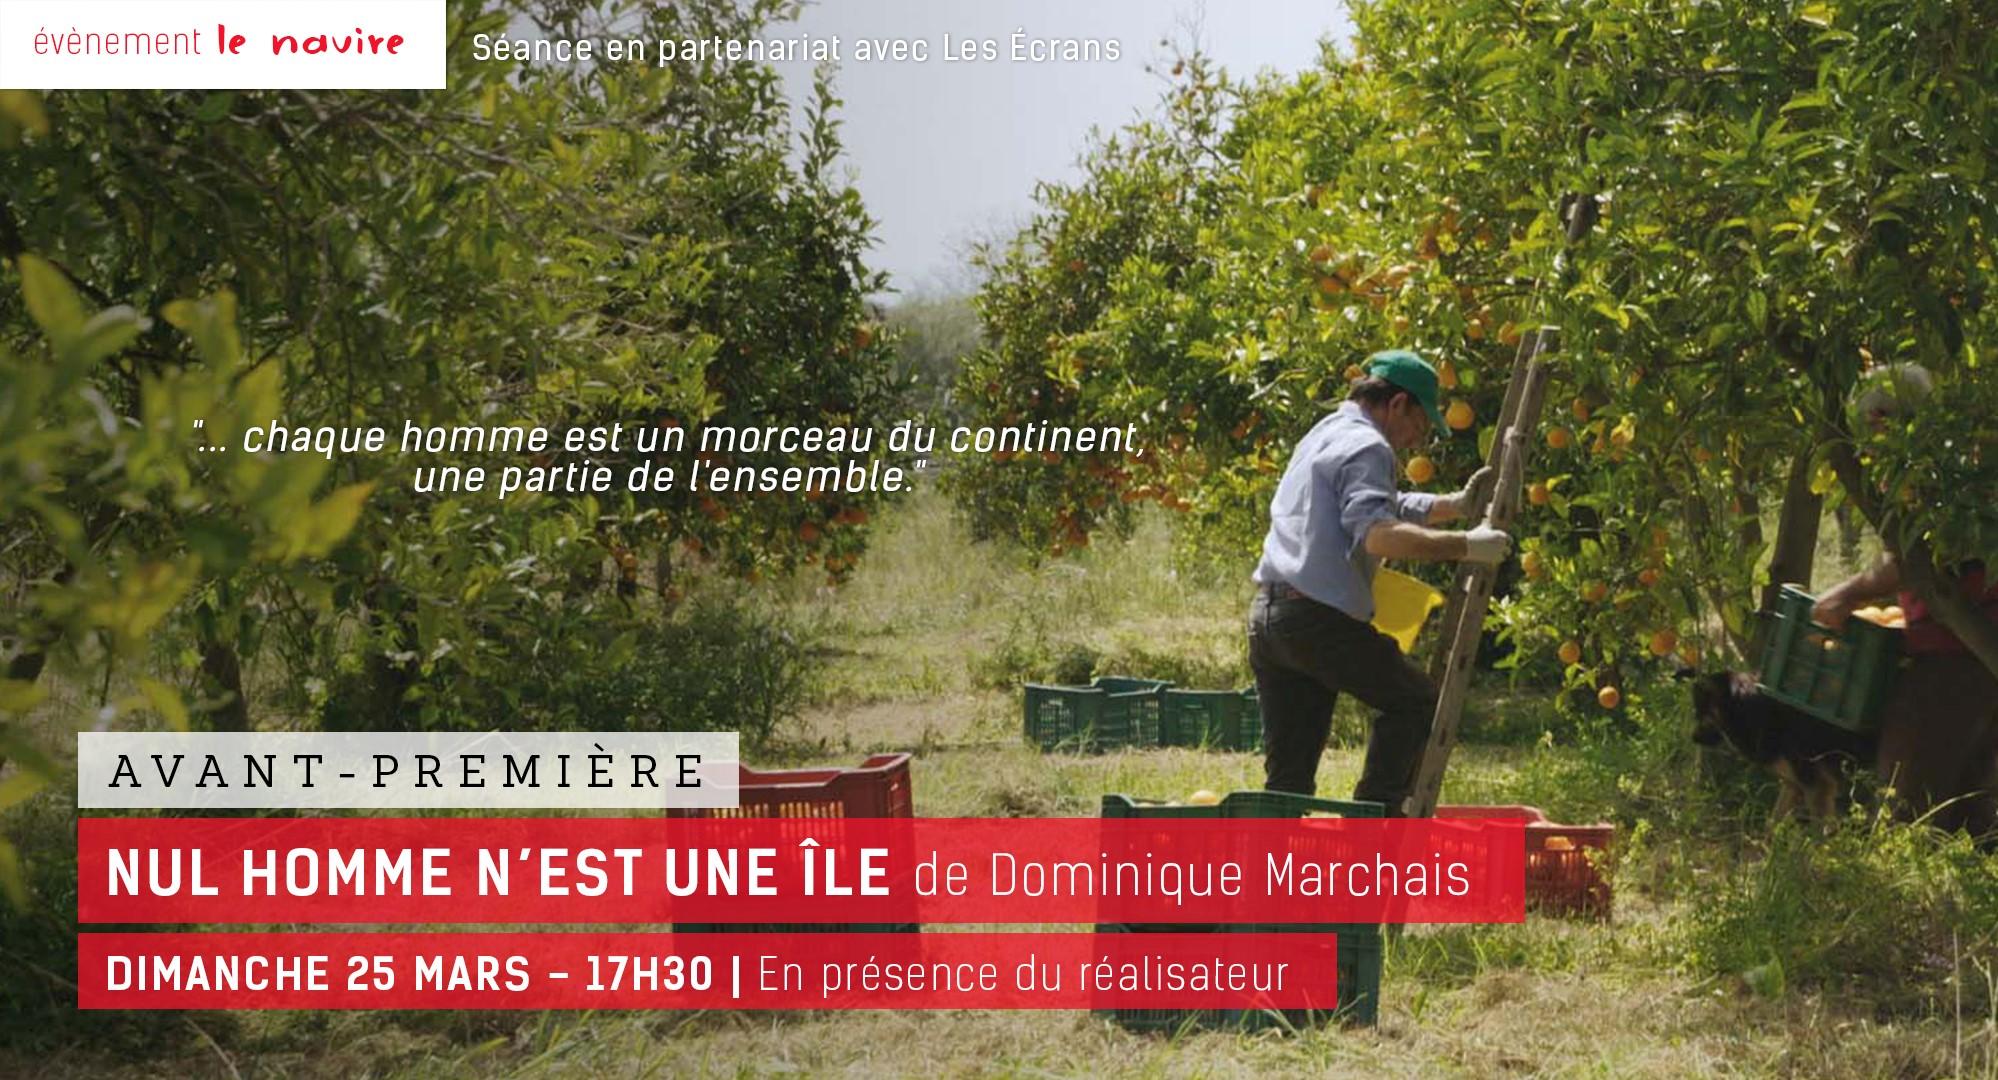 Avant première Nul Homme n'est une île Aubenas Ardèche